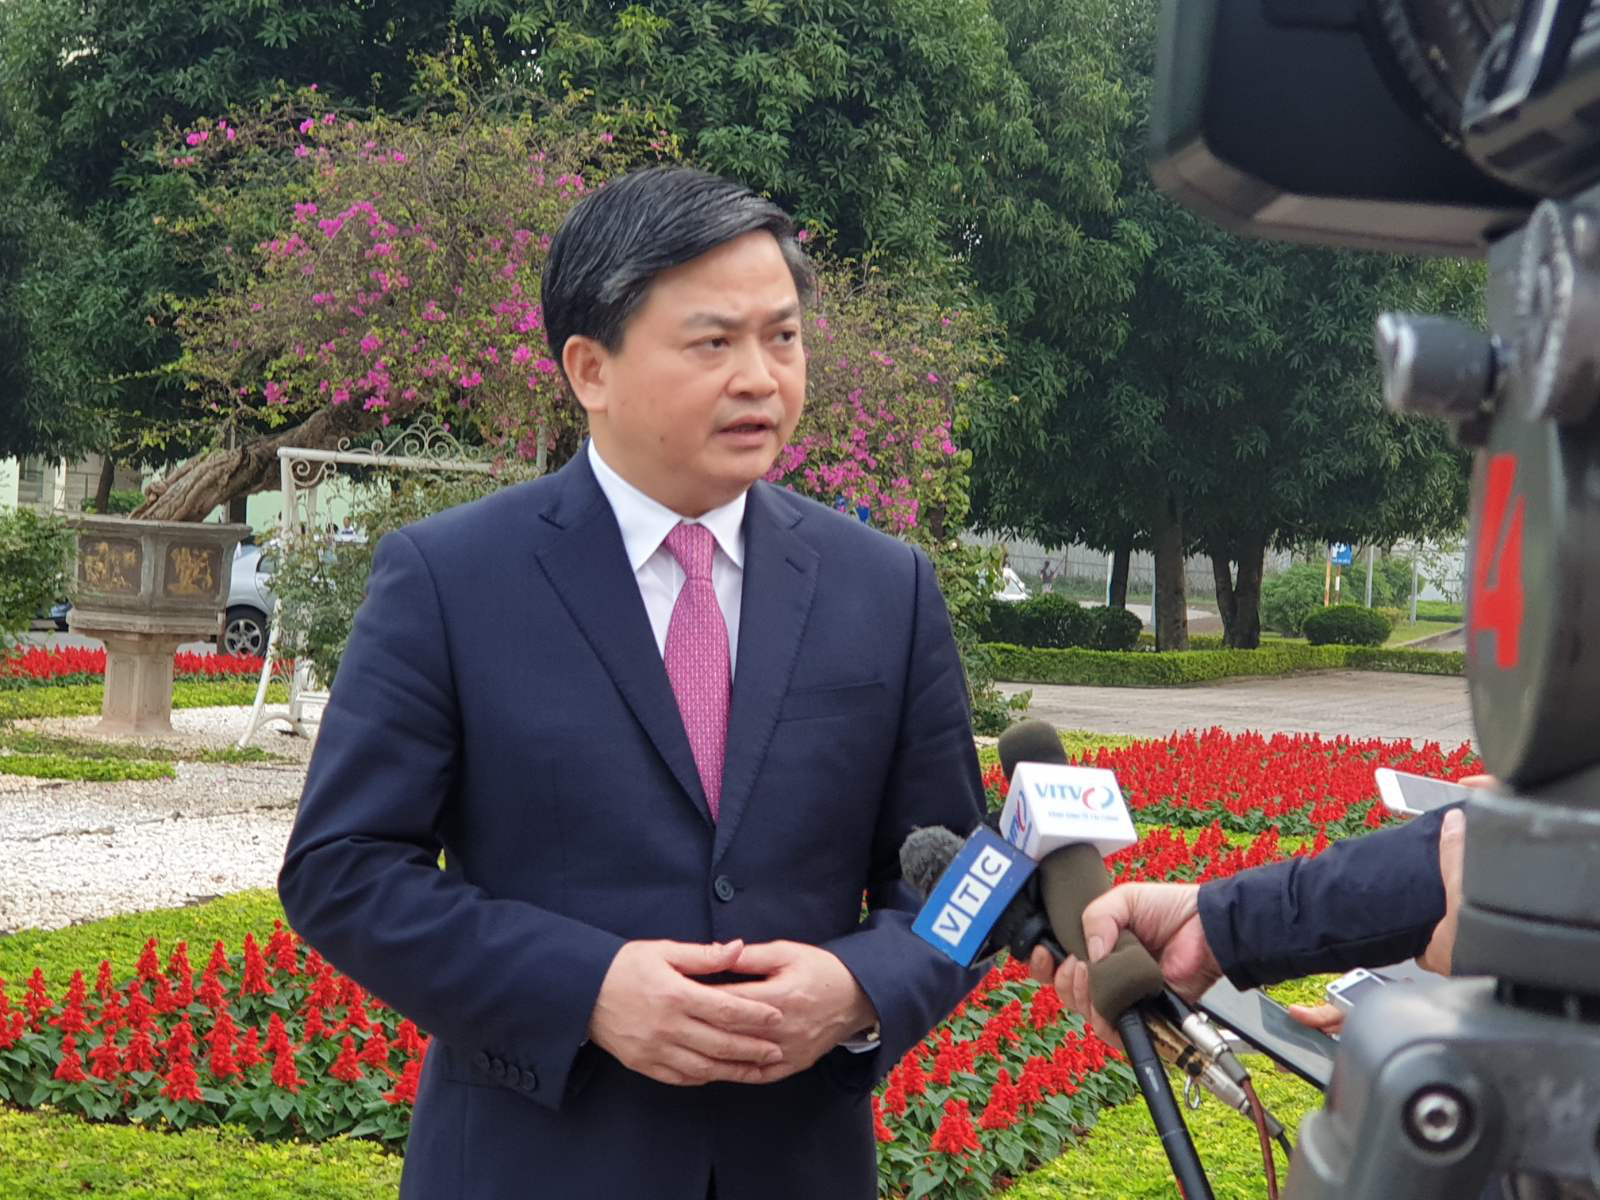 Chủ tịch VietinBank: VietinBank còn nhiều cách để tăng hệ số CAR - Ảnh 1.